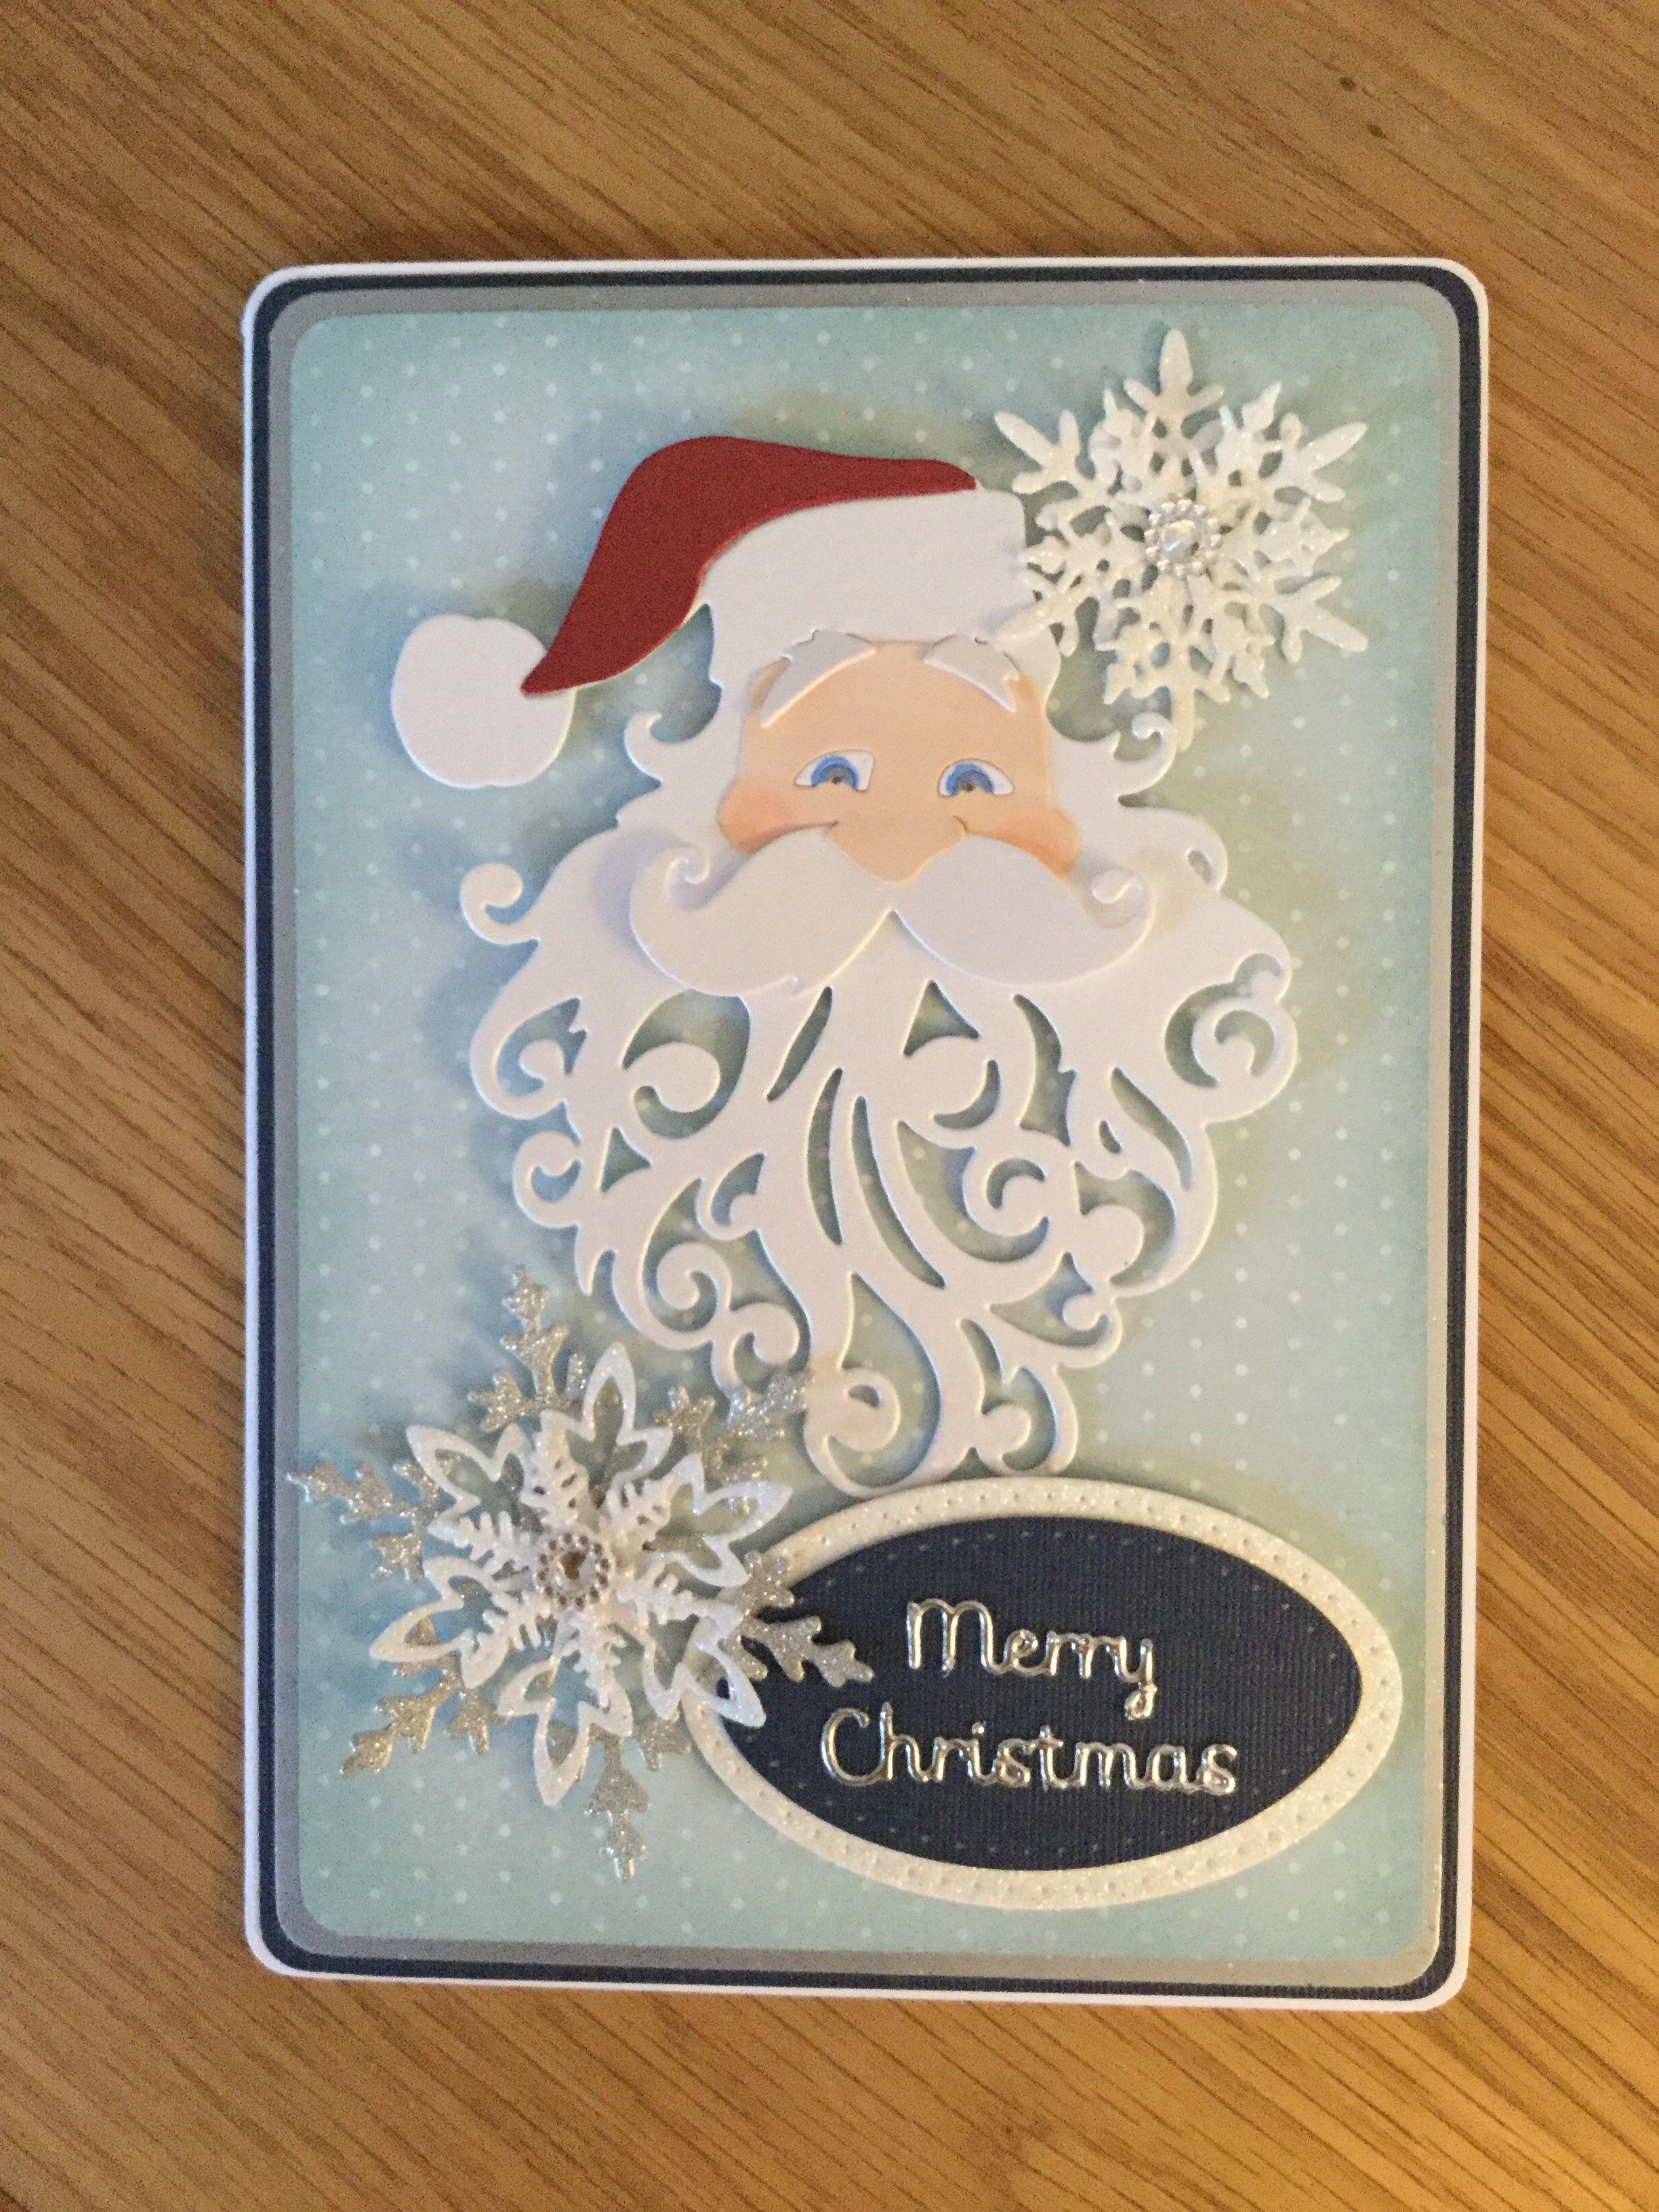 Sizzix Santa Christmas Card Christmas Card Crafts Dyi Christmas Cards Christmas Cards